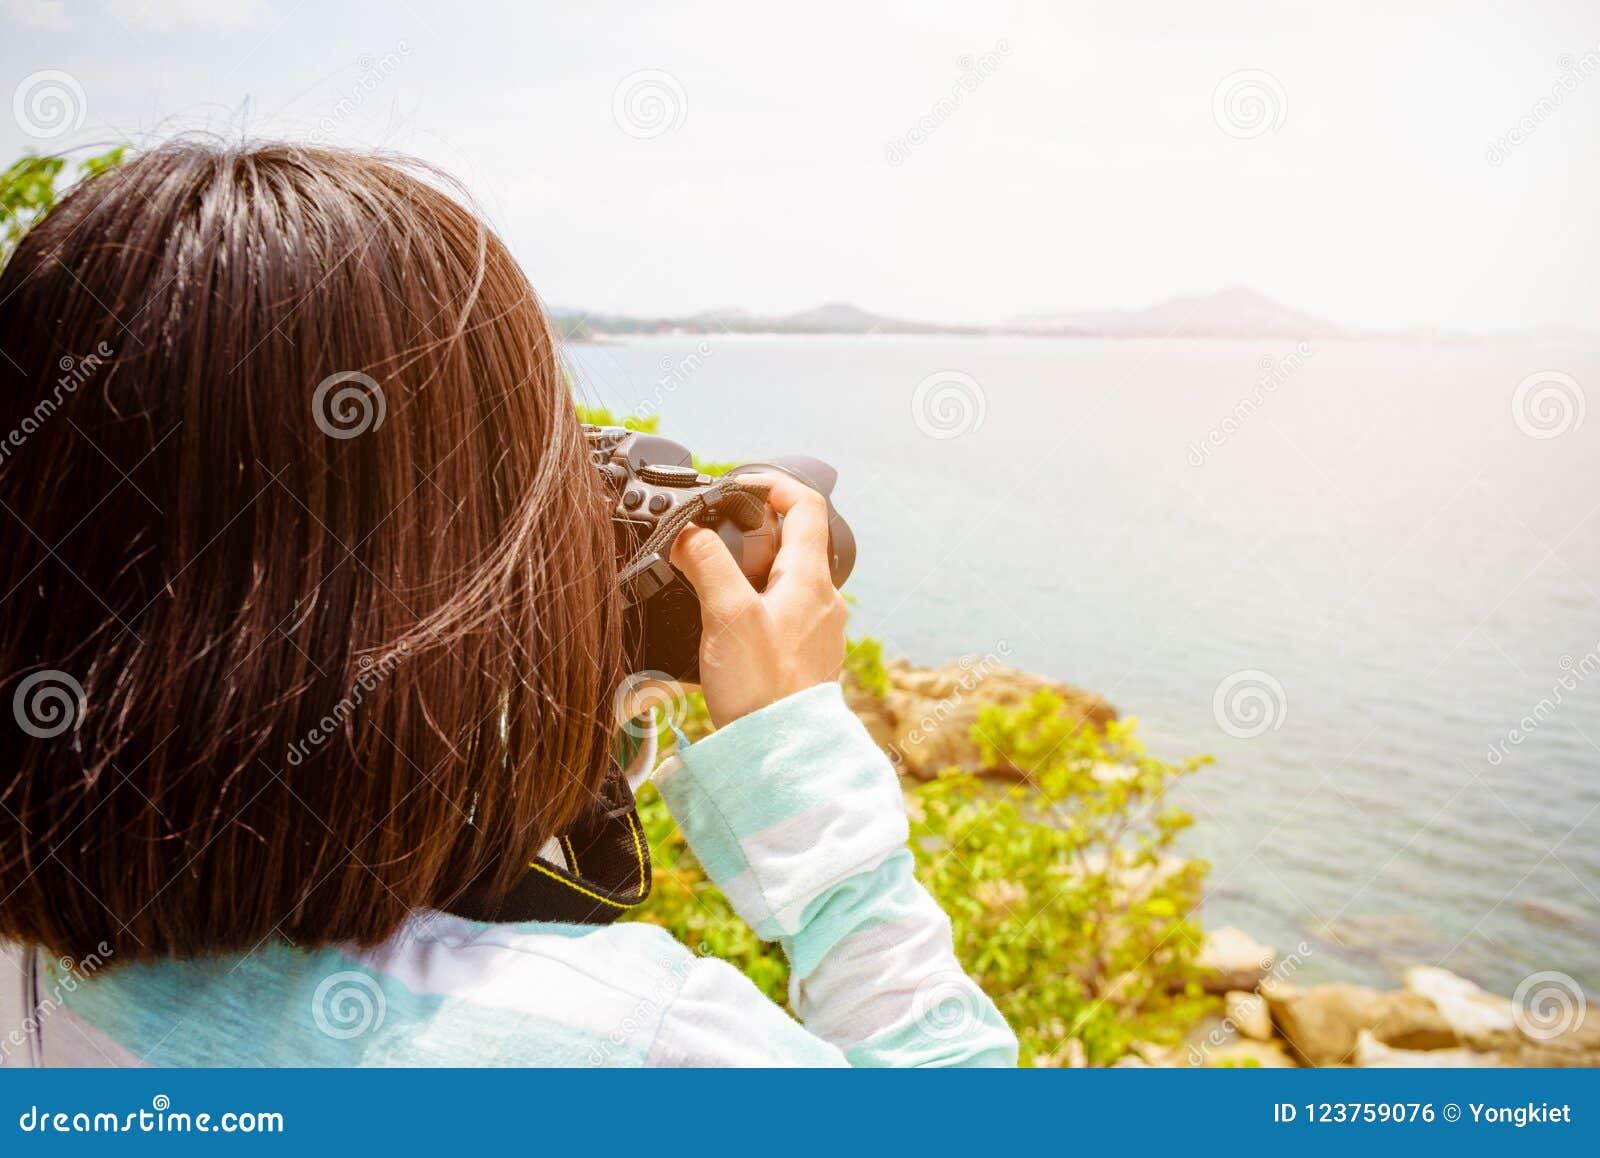 Fotografi för ung kvinna